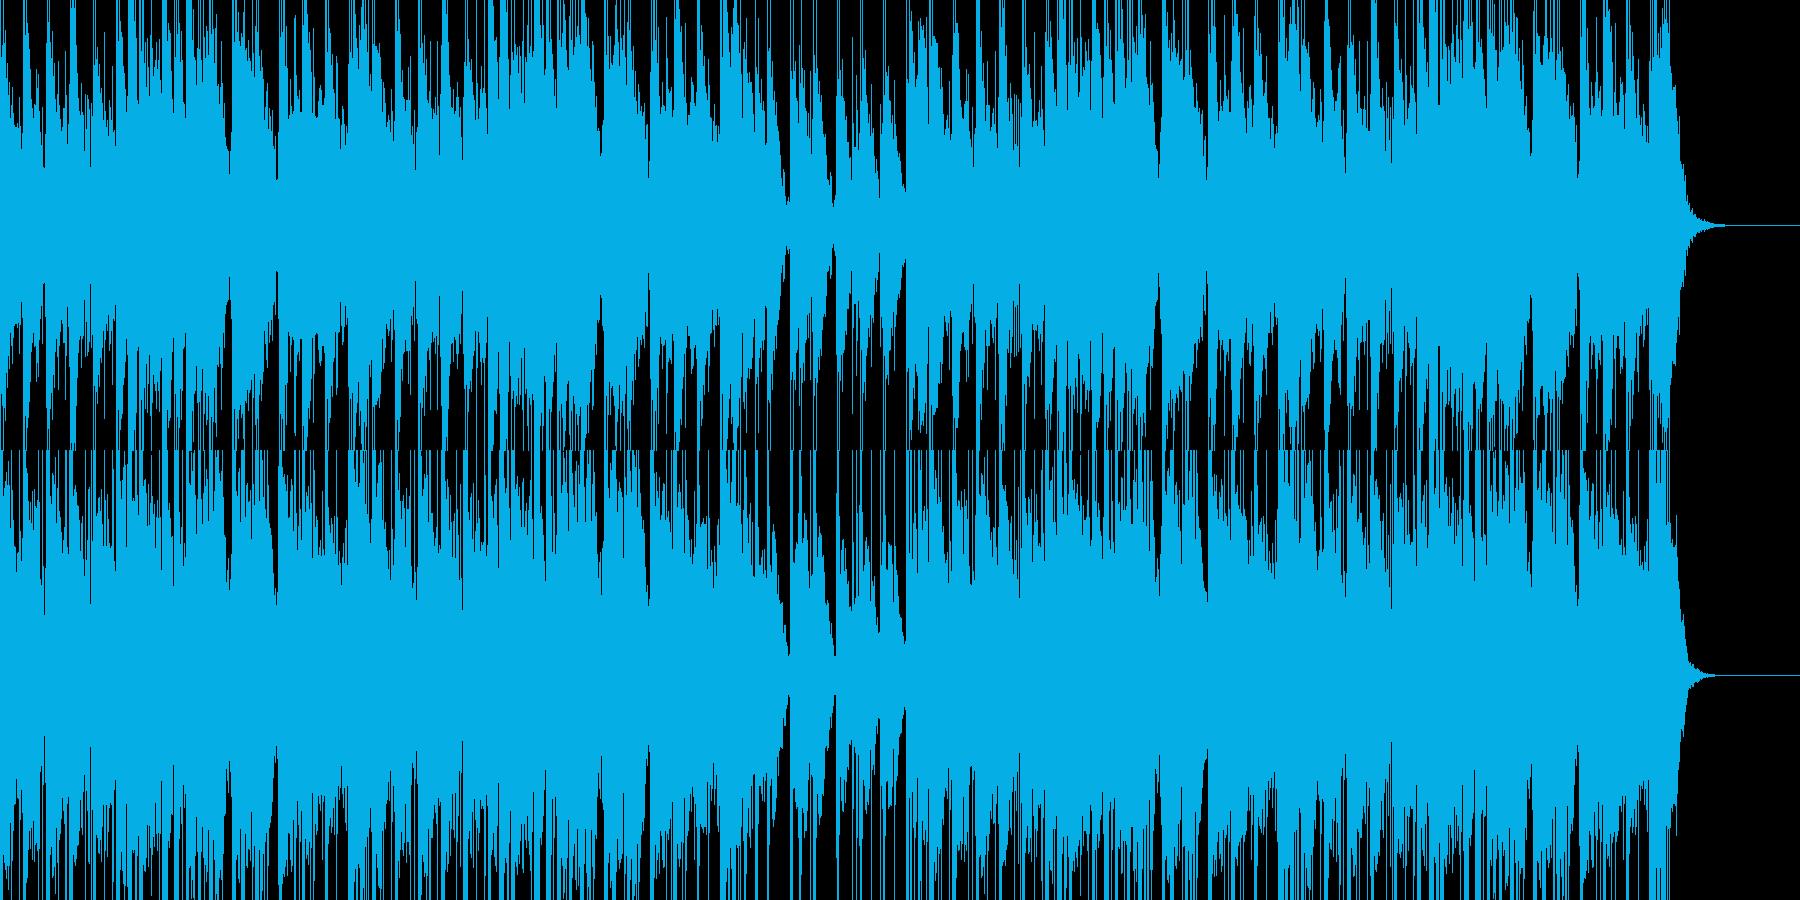 和風、お祭り、お囃子のBGMの再生済みの波形